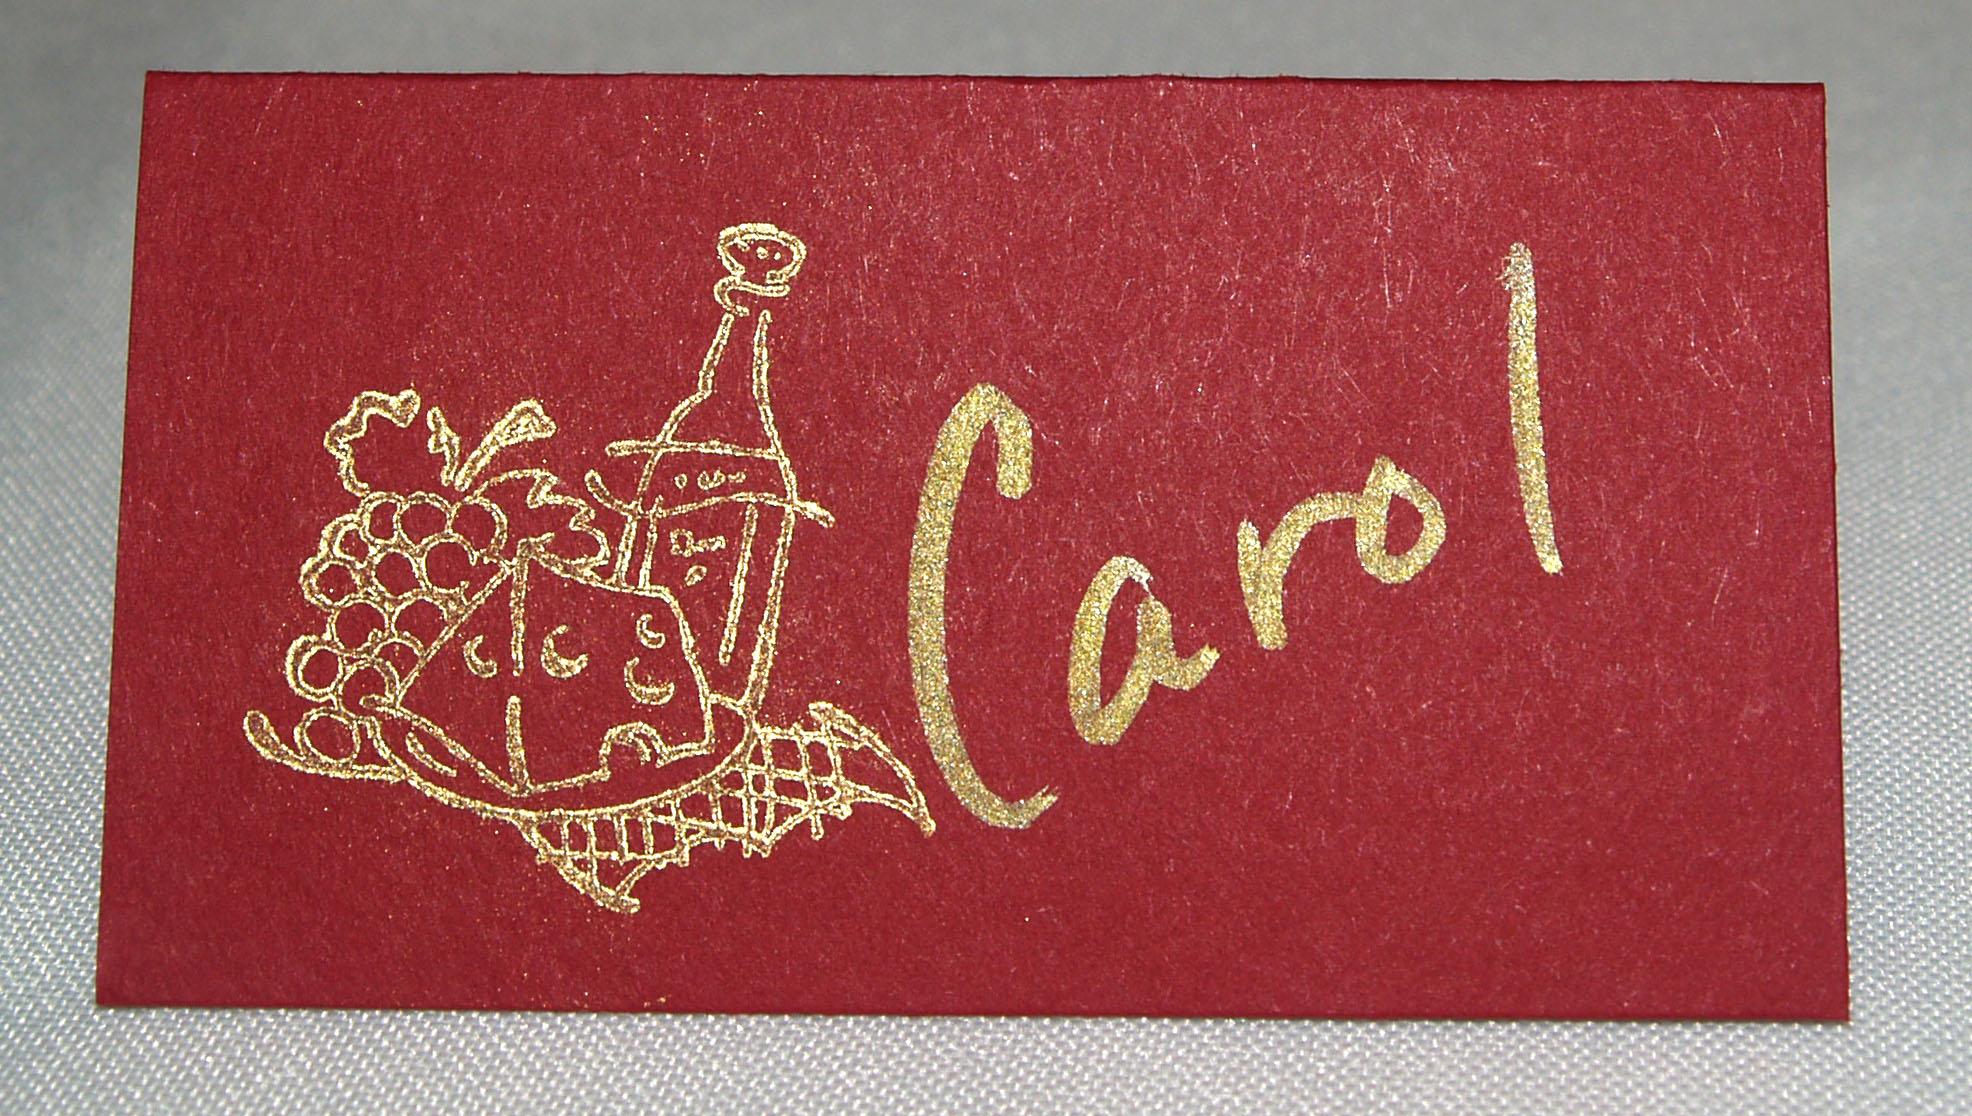 Voila place card